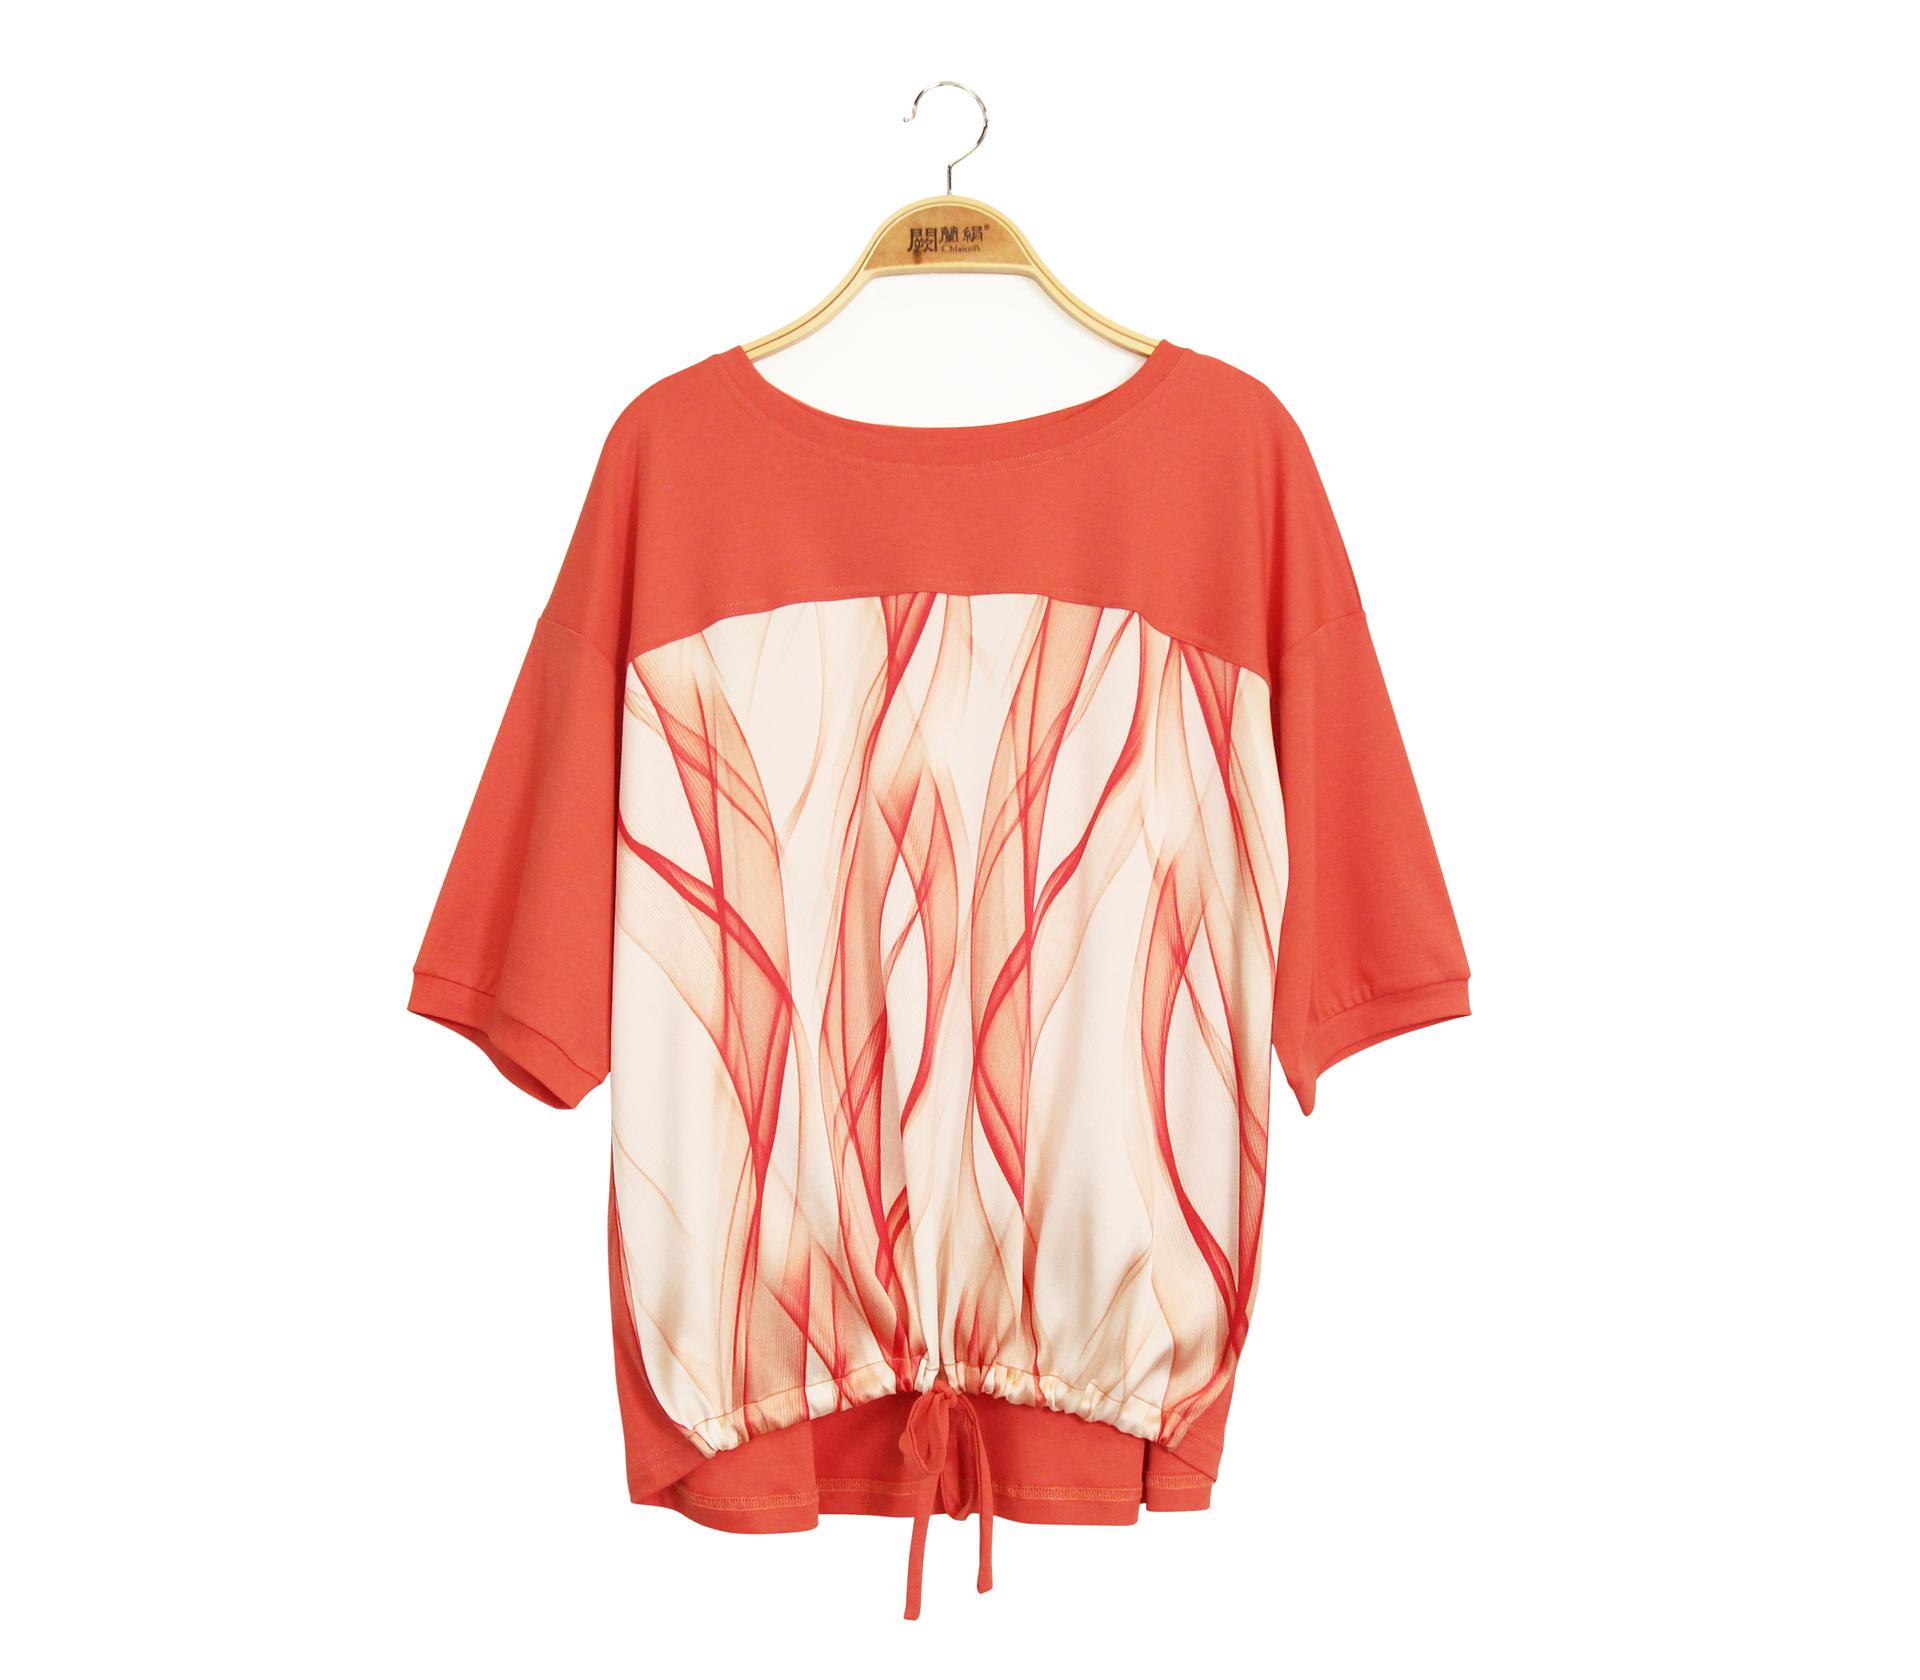 闕蘭絹拼接緞面波浪紋蠶絲下擺綁帶短袖上衣 - 橘色 - 6646